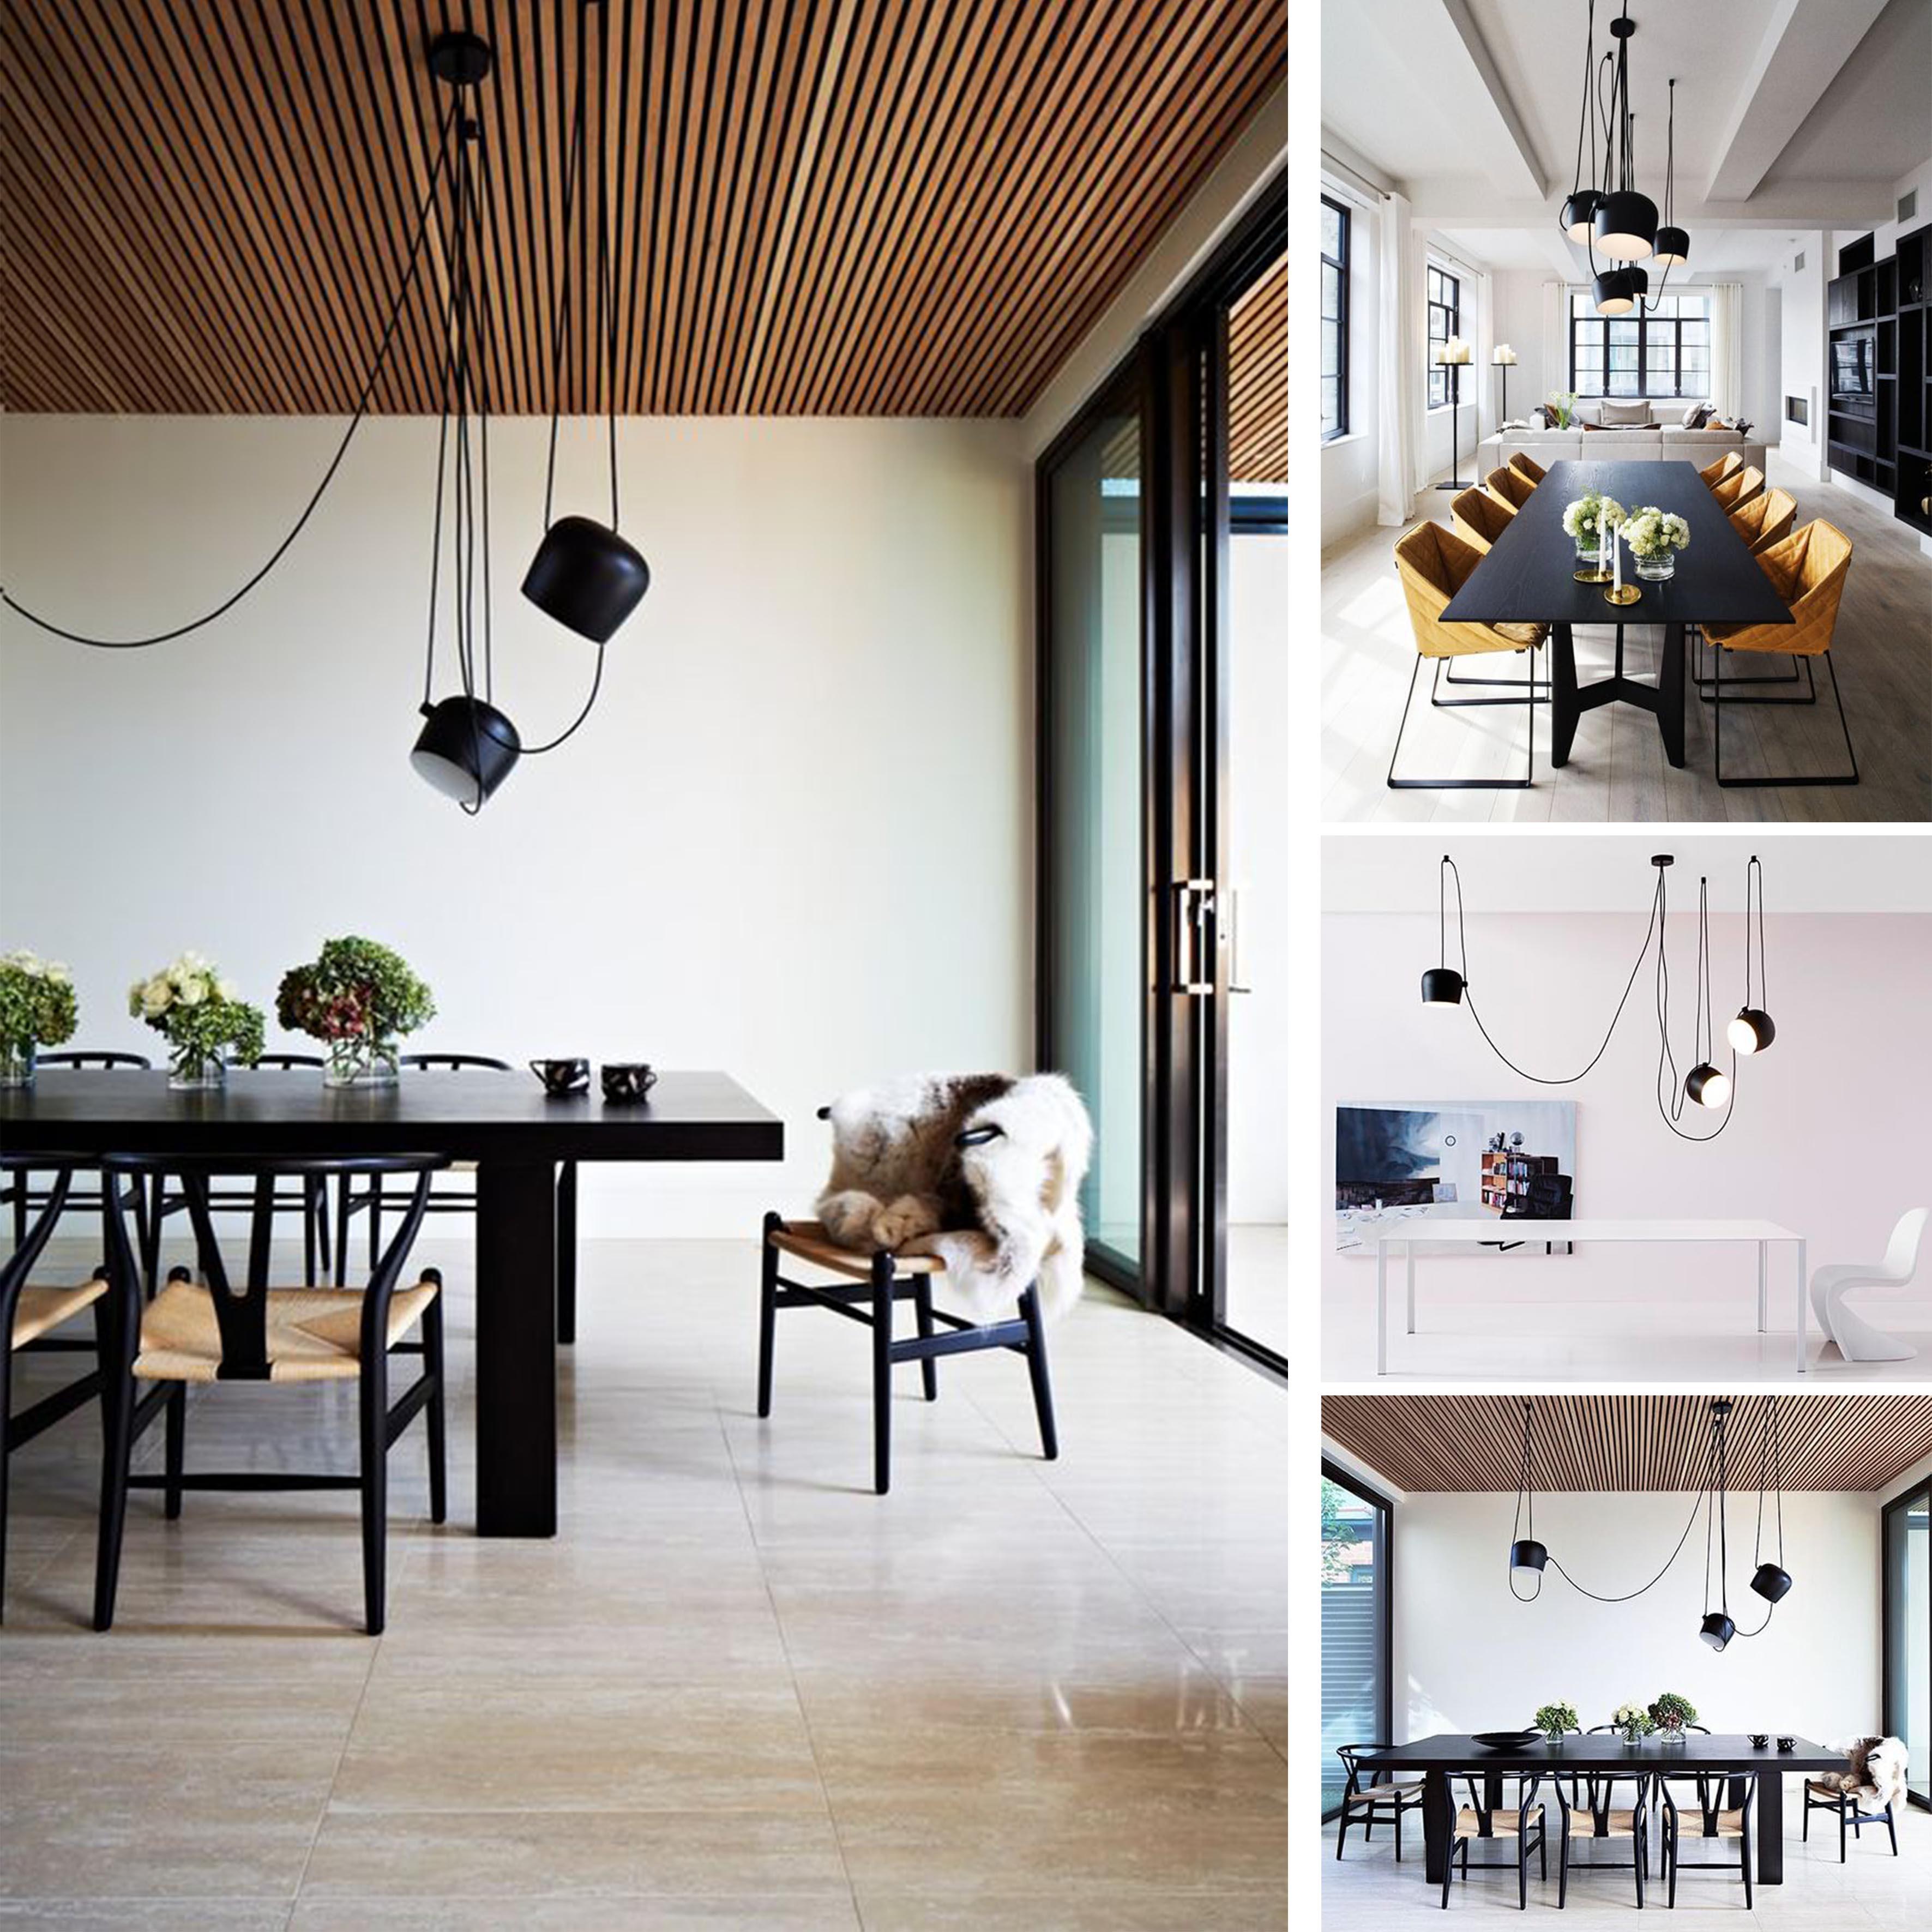 Come scegliere le lampade della casa la sala da pranzo - Lampade sopra tavolo da pranzo ...